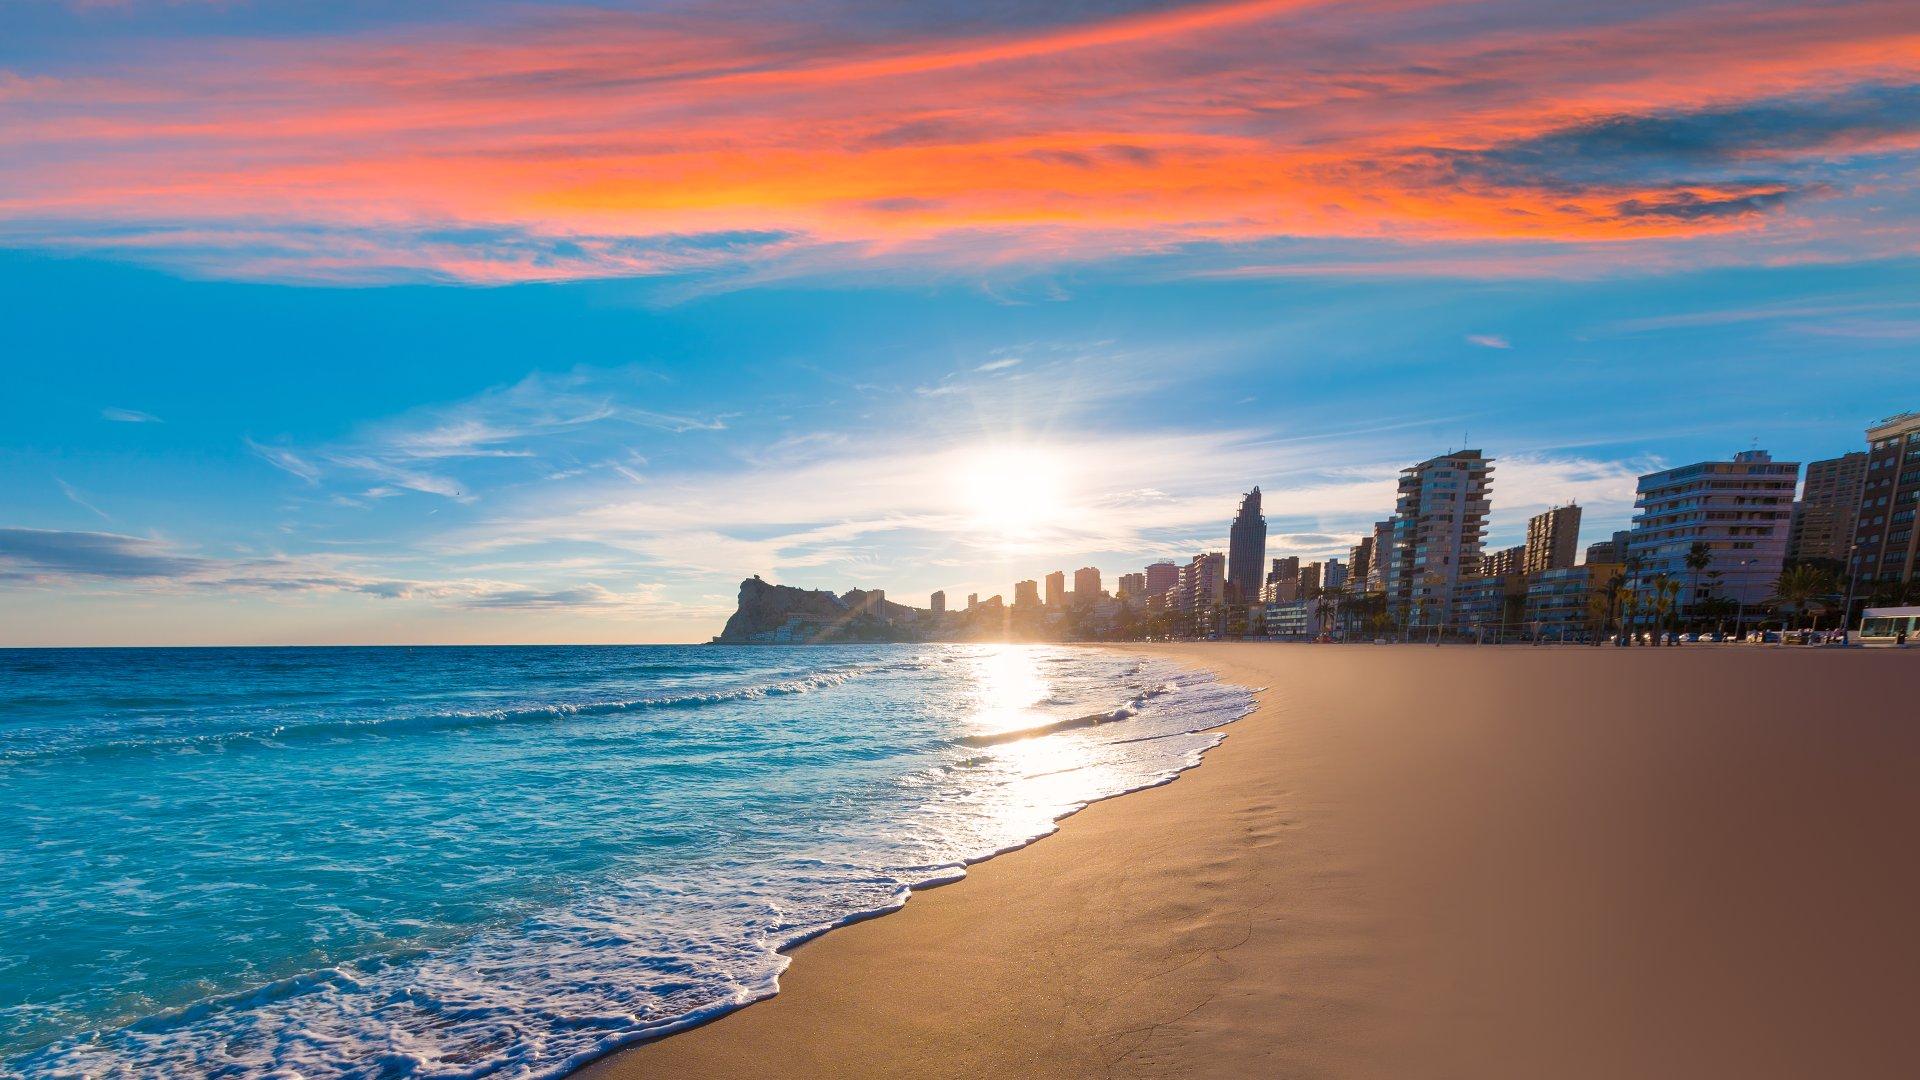 барселона пляж обои на рабочий стол № 540999 загрузить